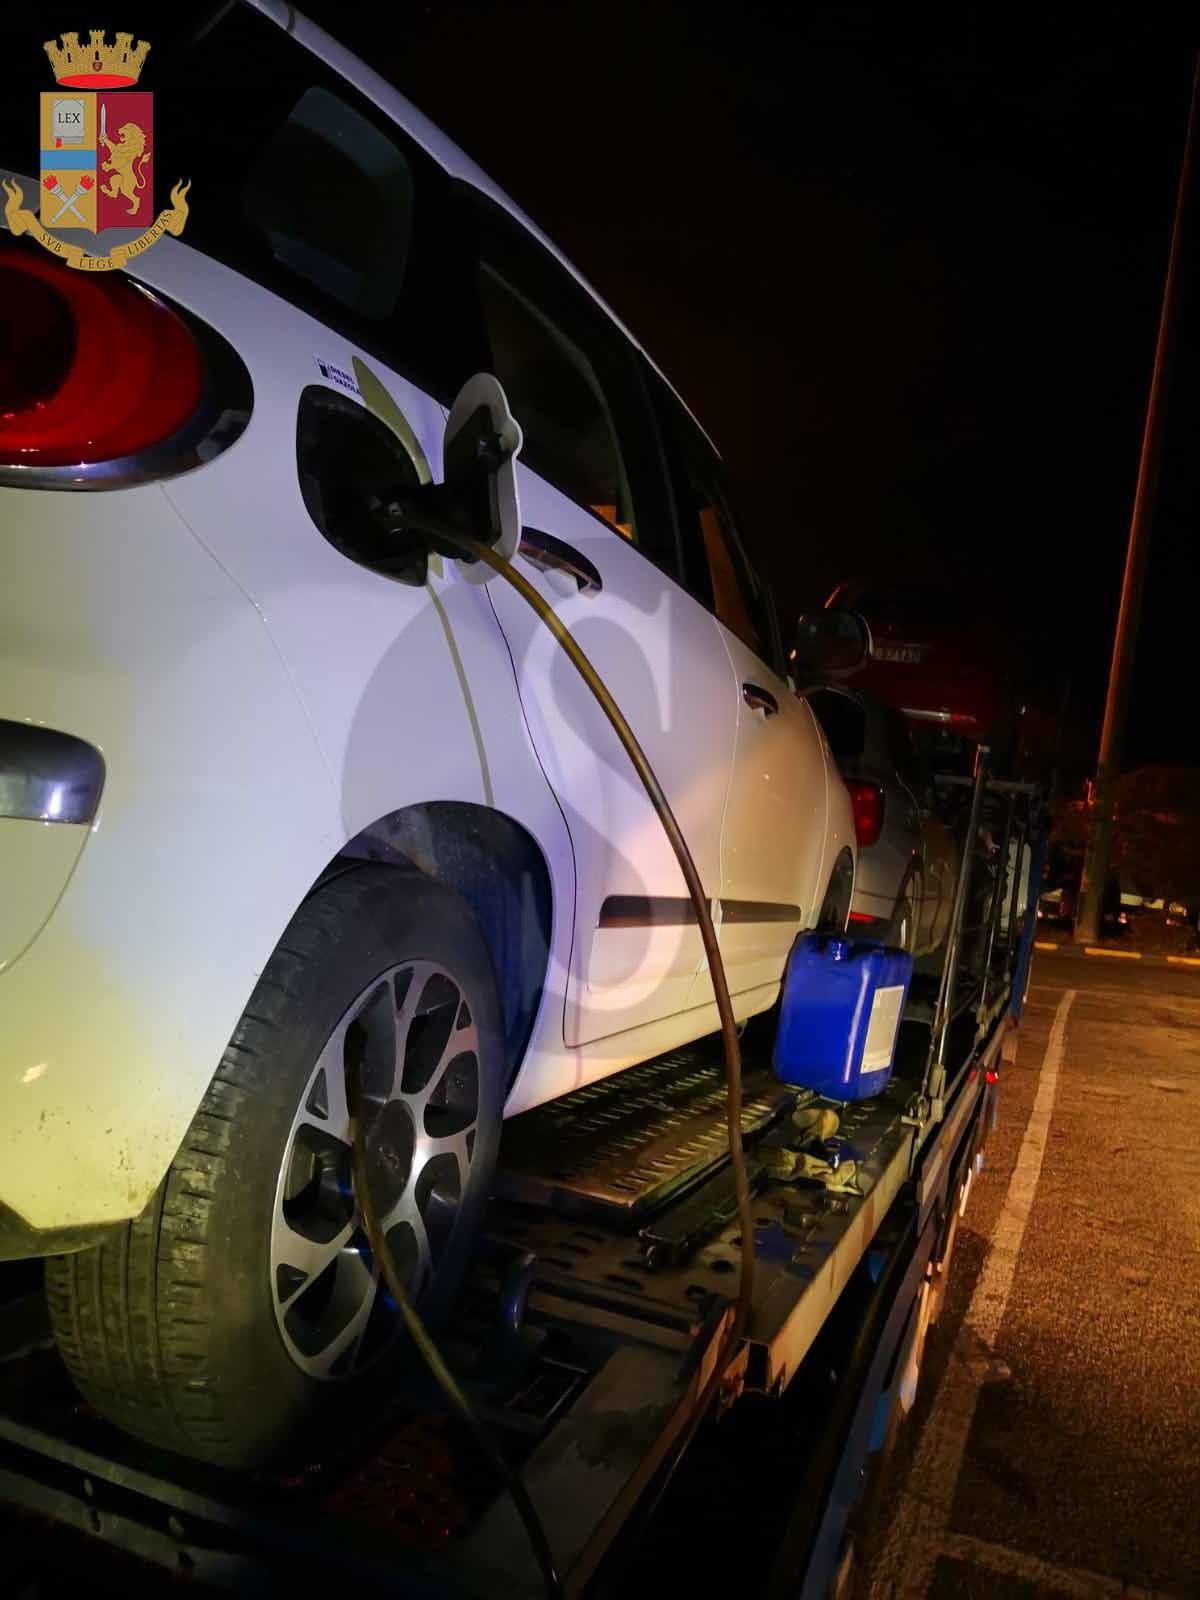 Cronaca. Messina, ruba carburante da un'auto: arrestato 44enne palermitano